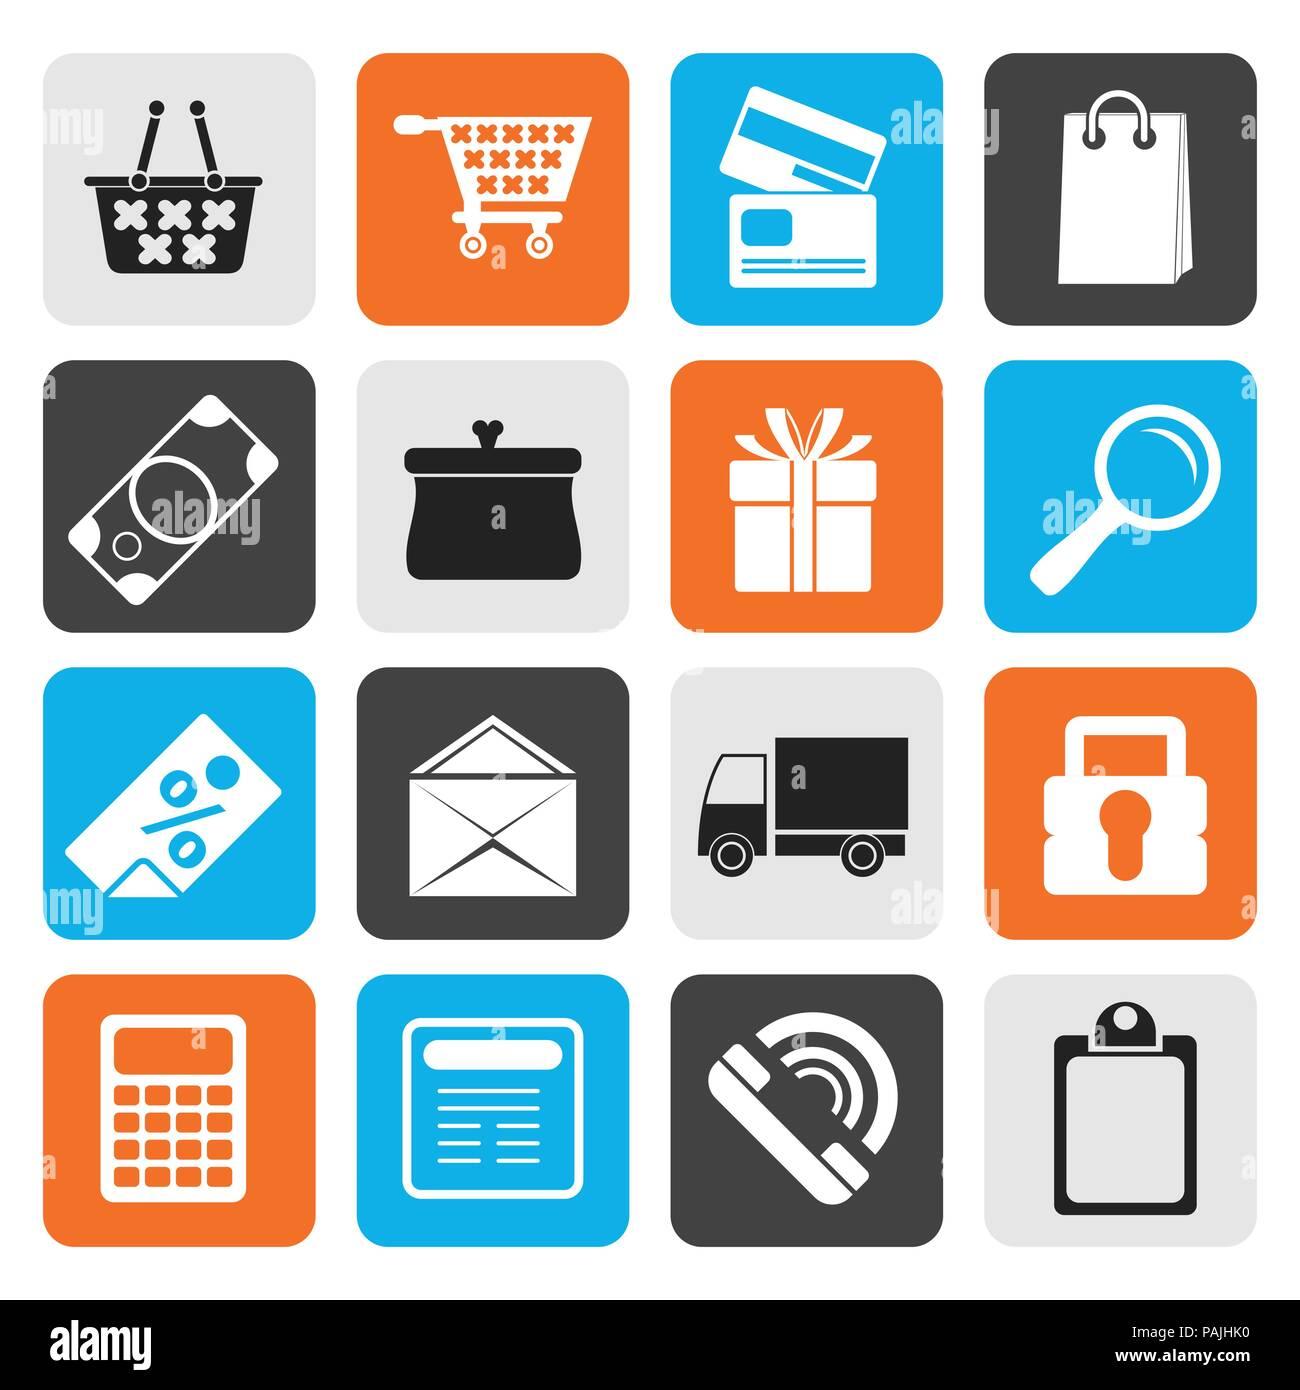 Télévision Online shop icons - vector icon set Photo Stock